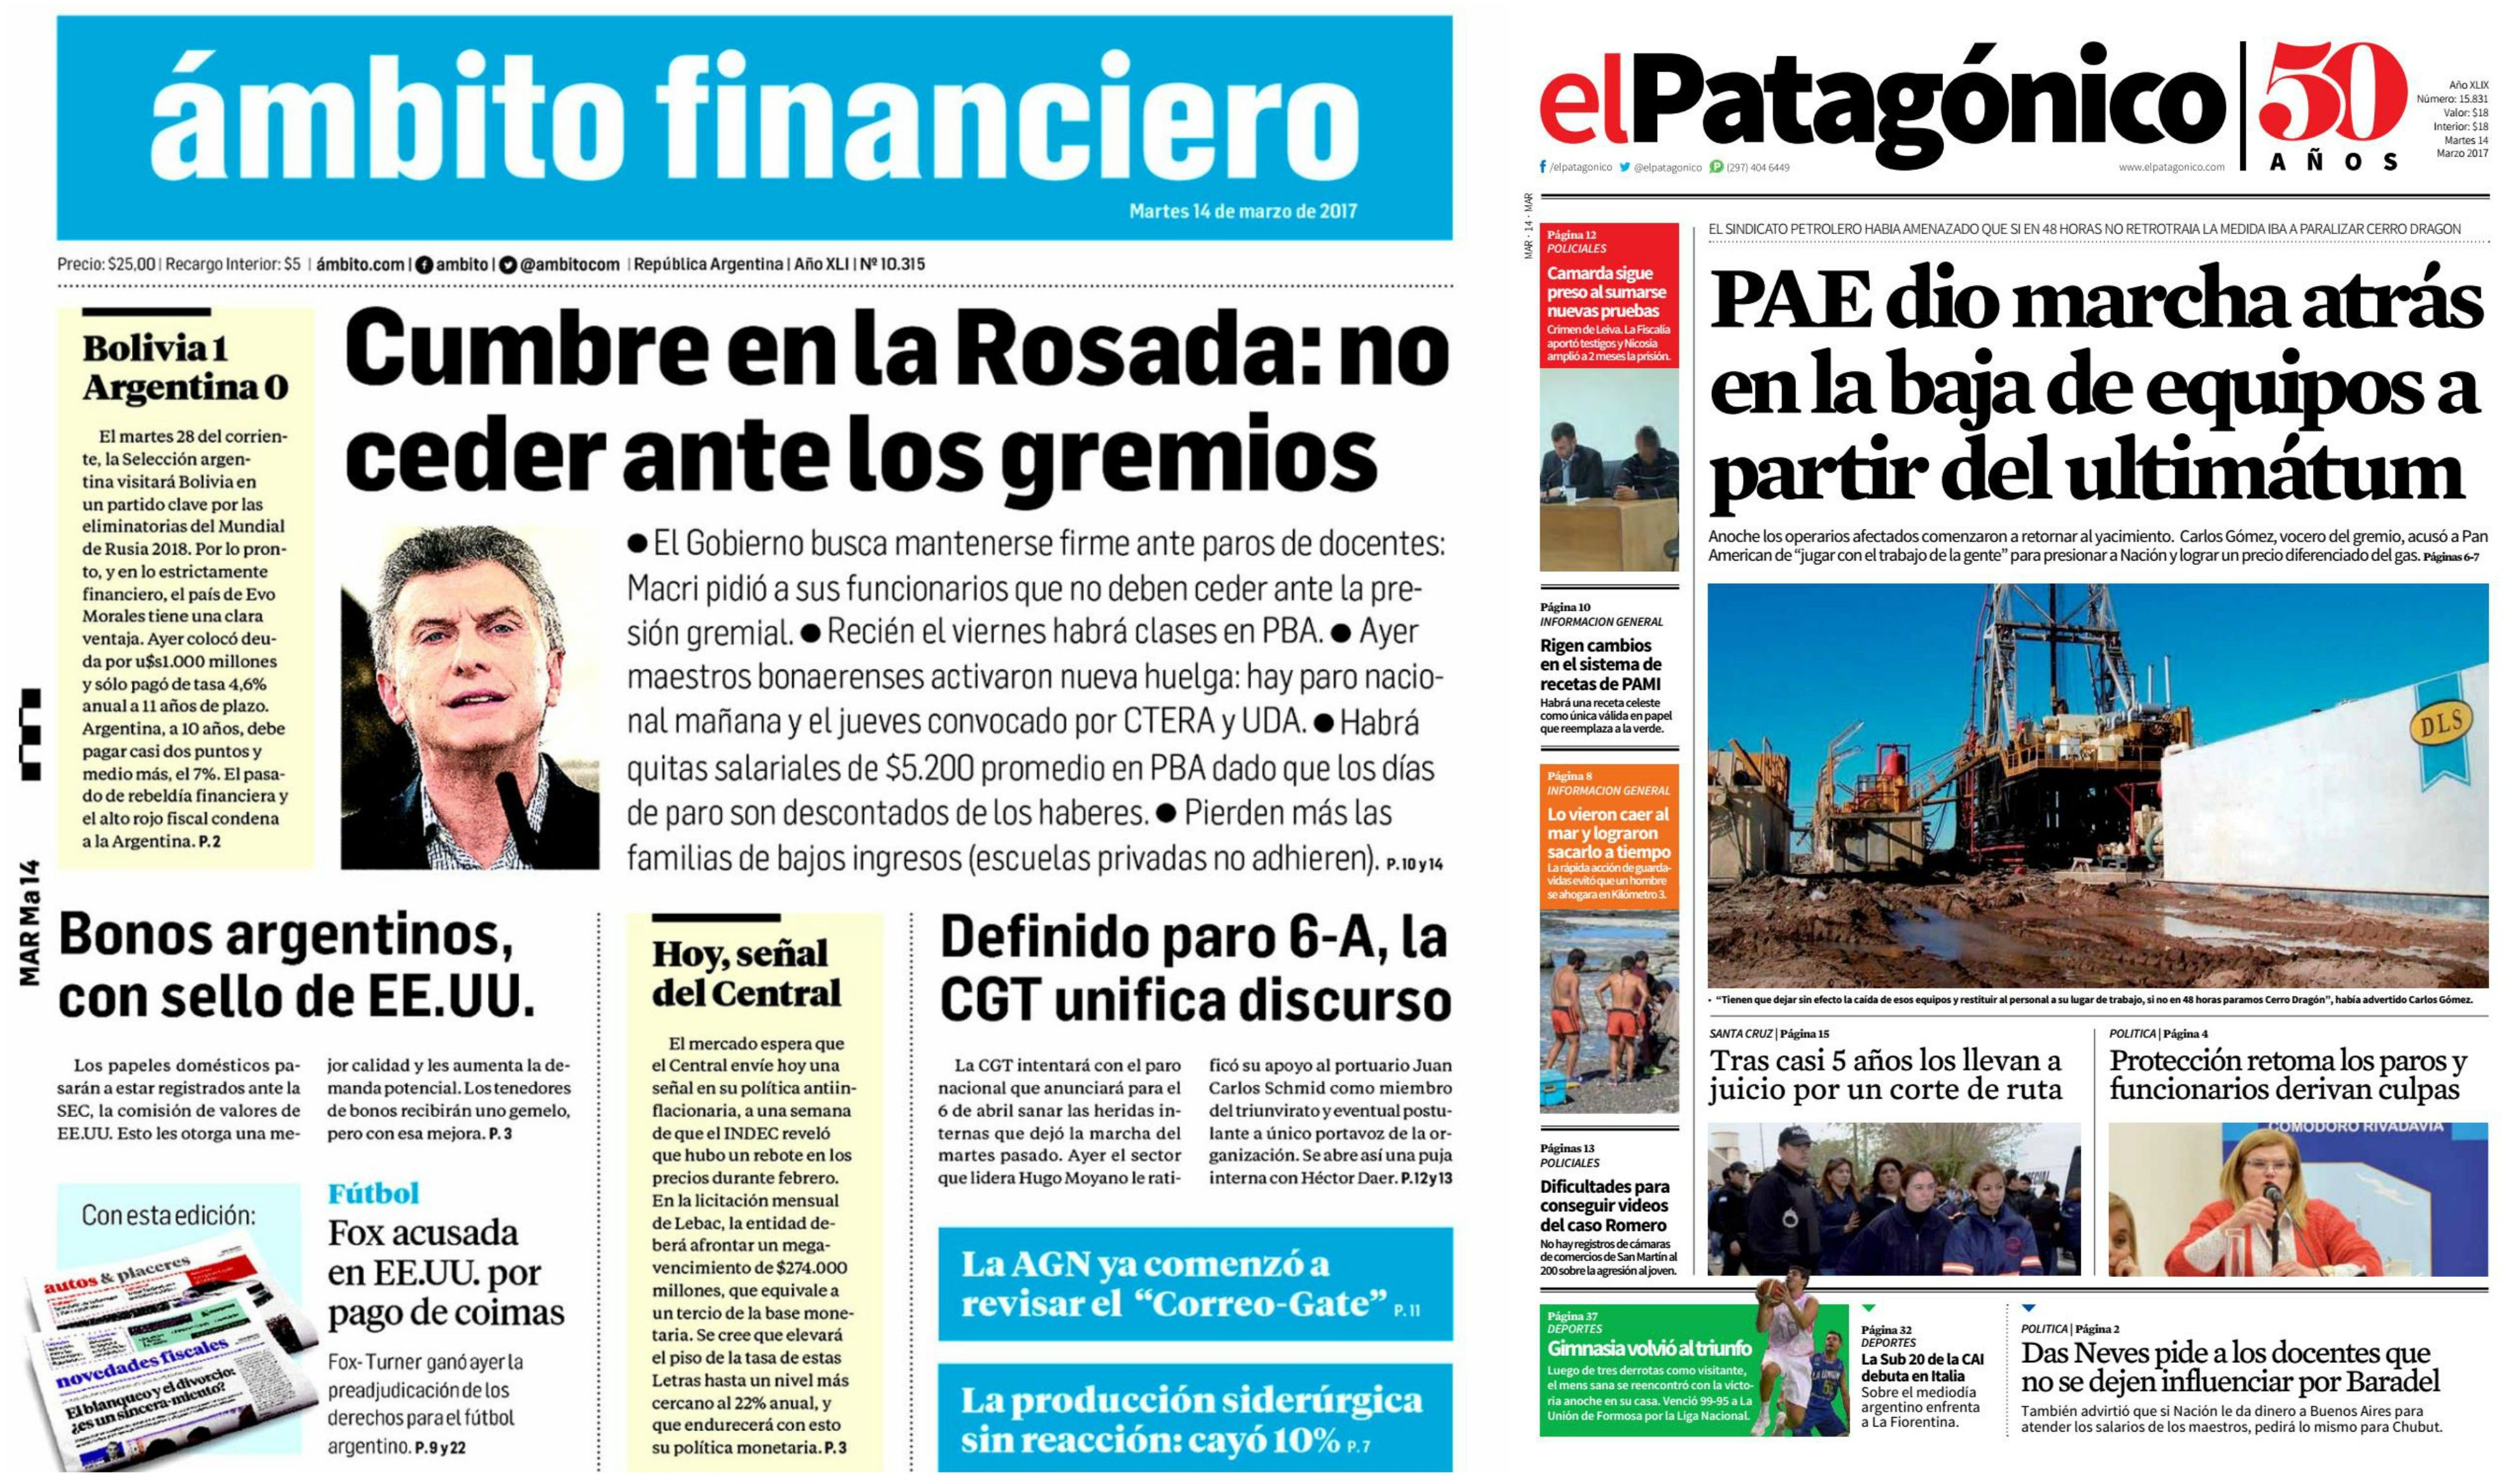 Tapas de diarios delmartes 13 de marzo de 2017.